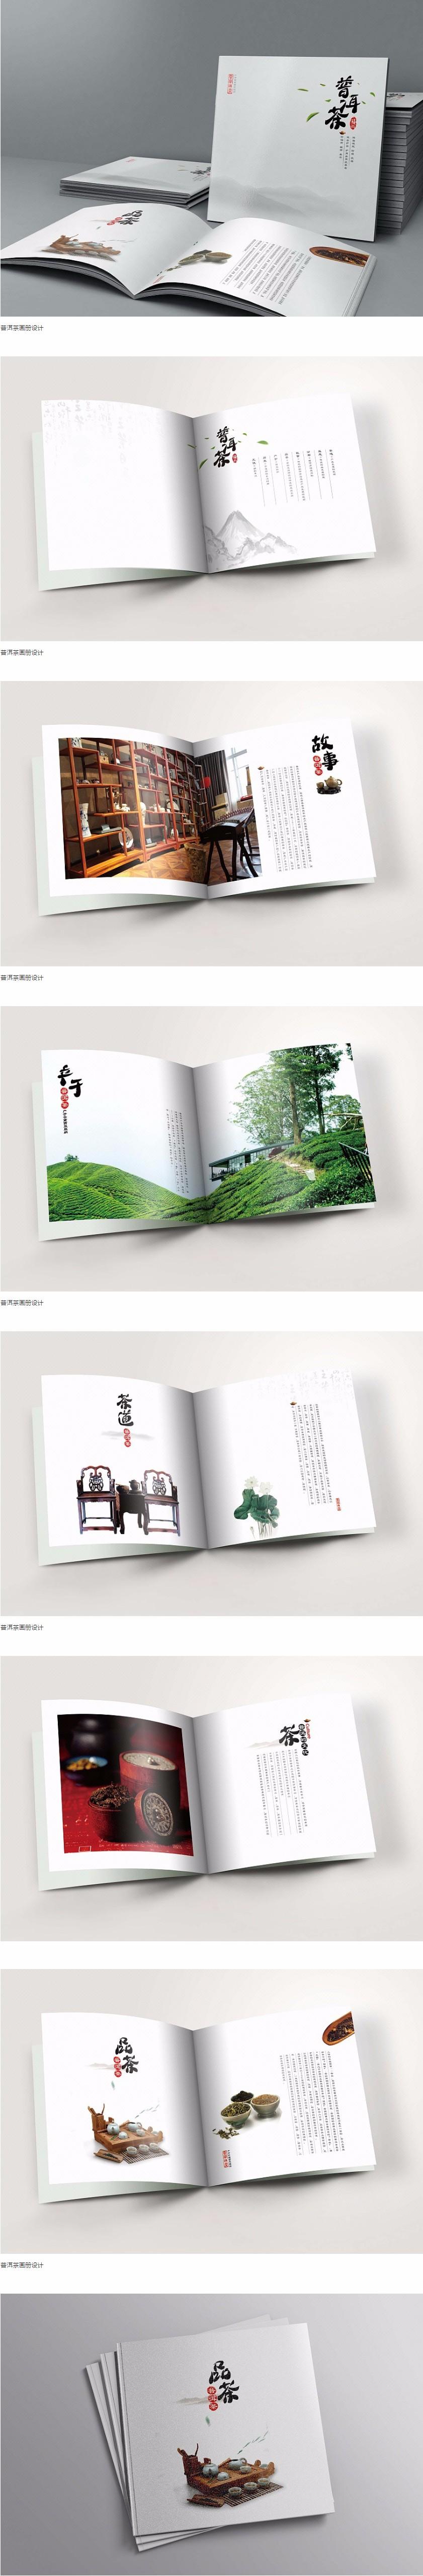 普洱茶画册设计.jpg